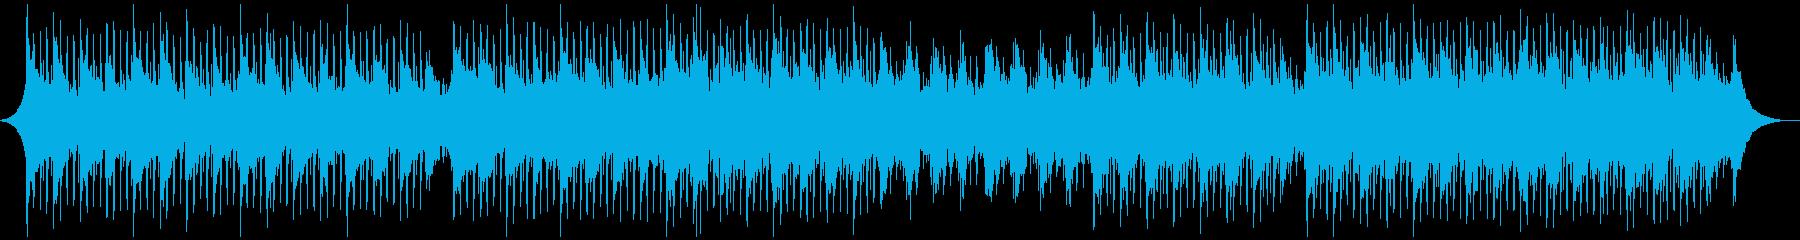 ソフトインタビューの再生済みの波形